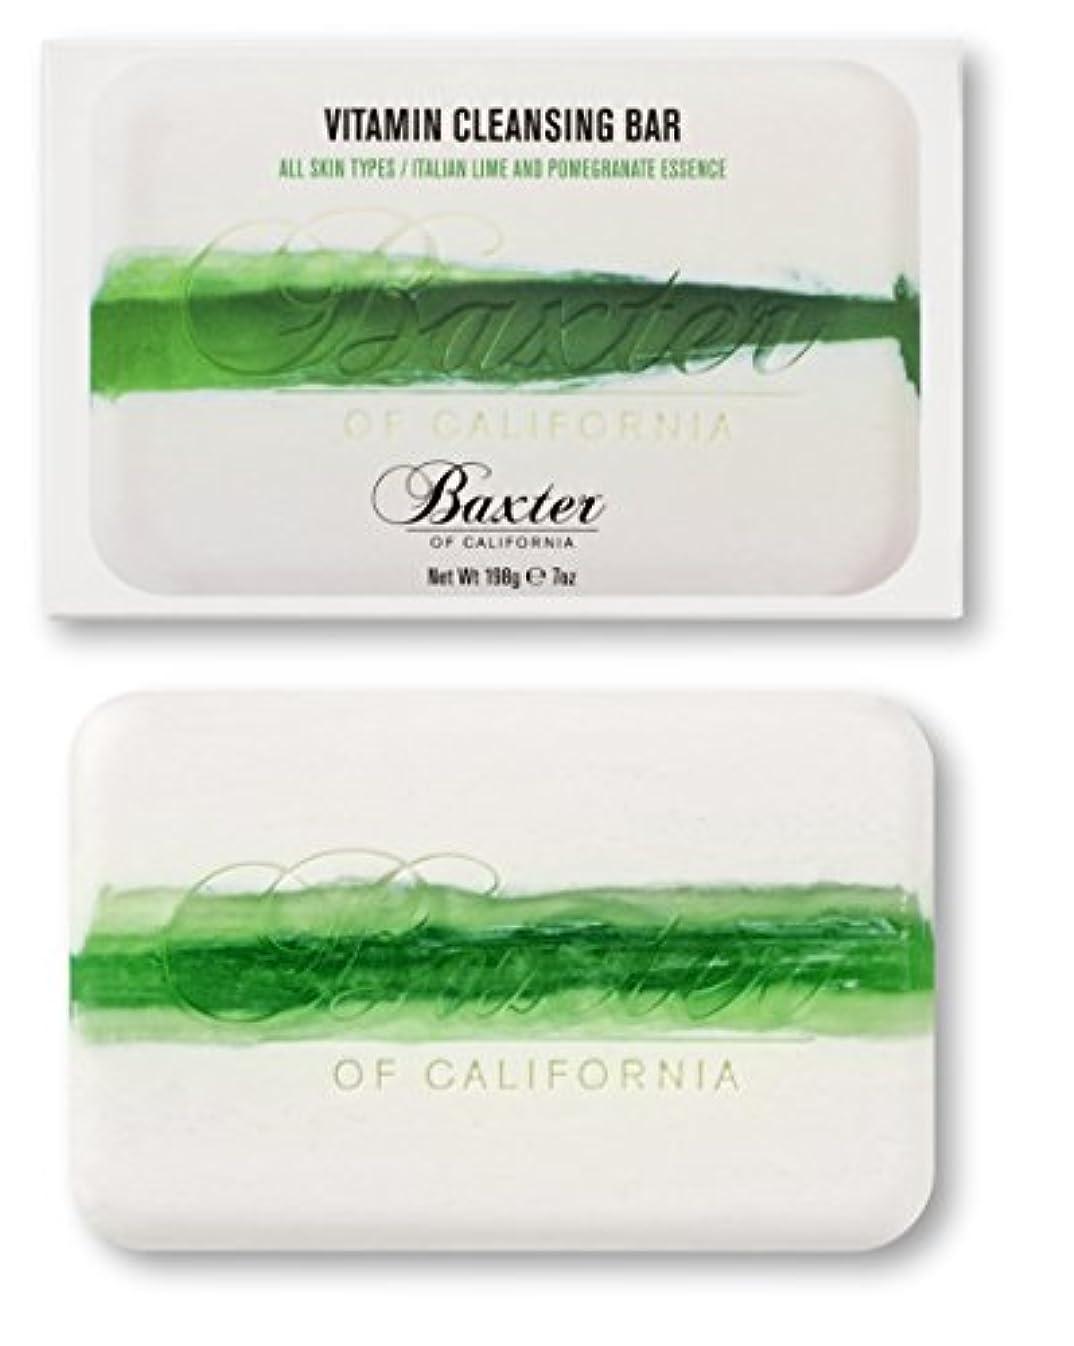 予測アラブサラボ電気Baxter OF CALIFORNIA(バクスター オブ カリフォルニア) ビタミンクレンジングバー イタリアンライム&ポメグラネート 198g